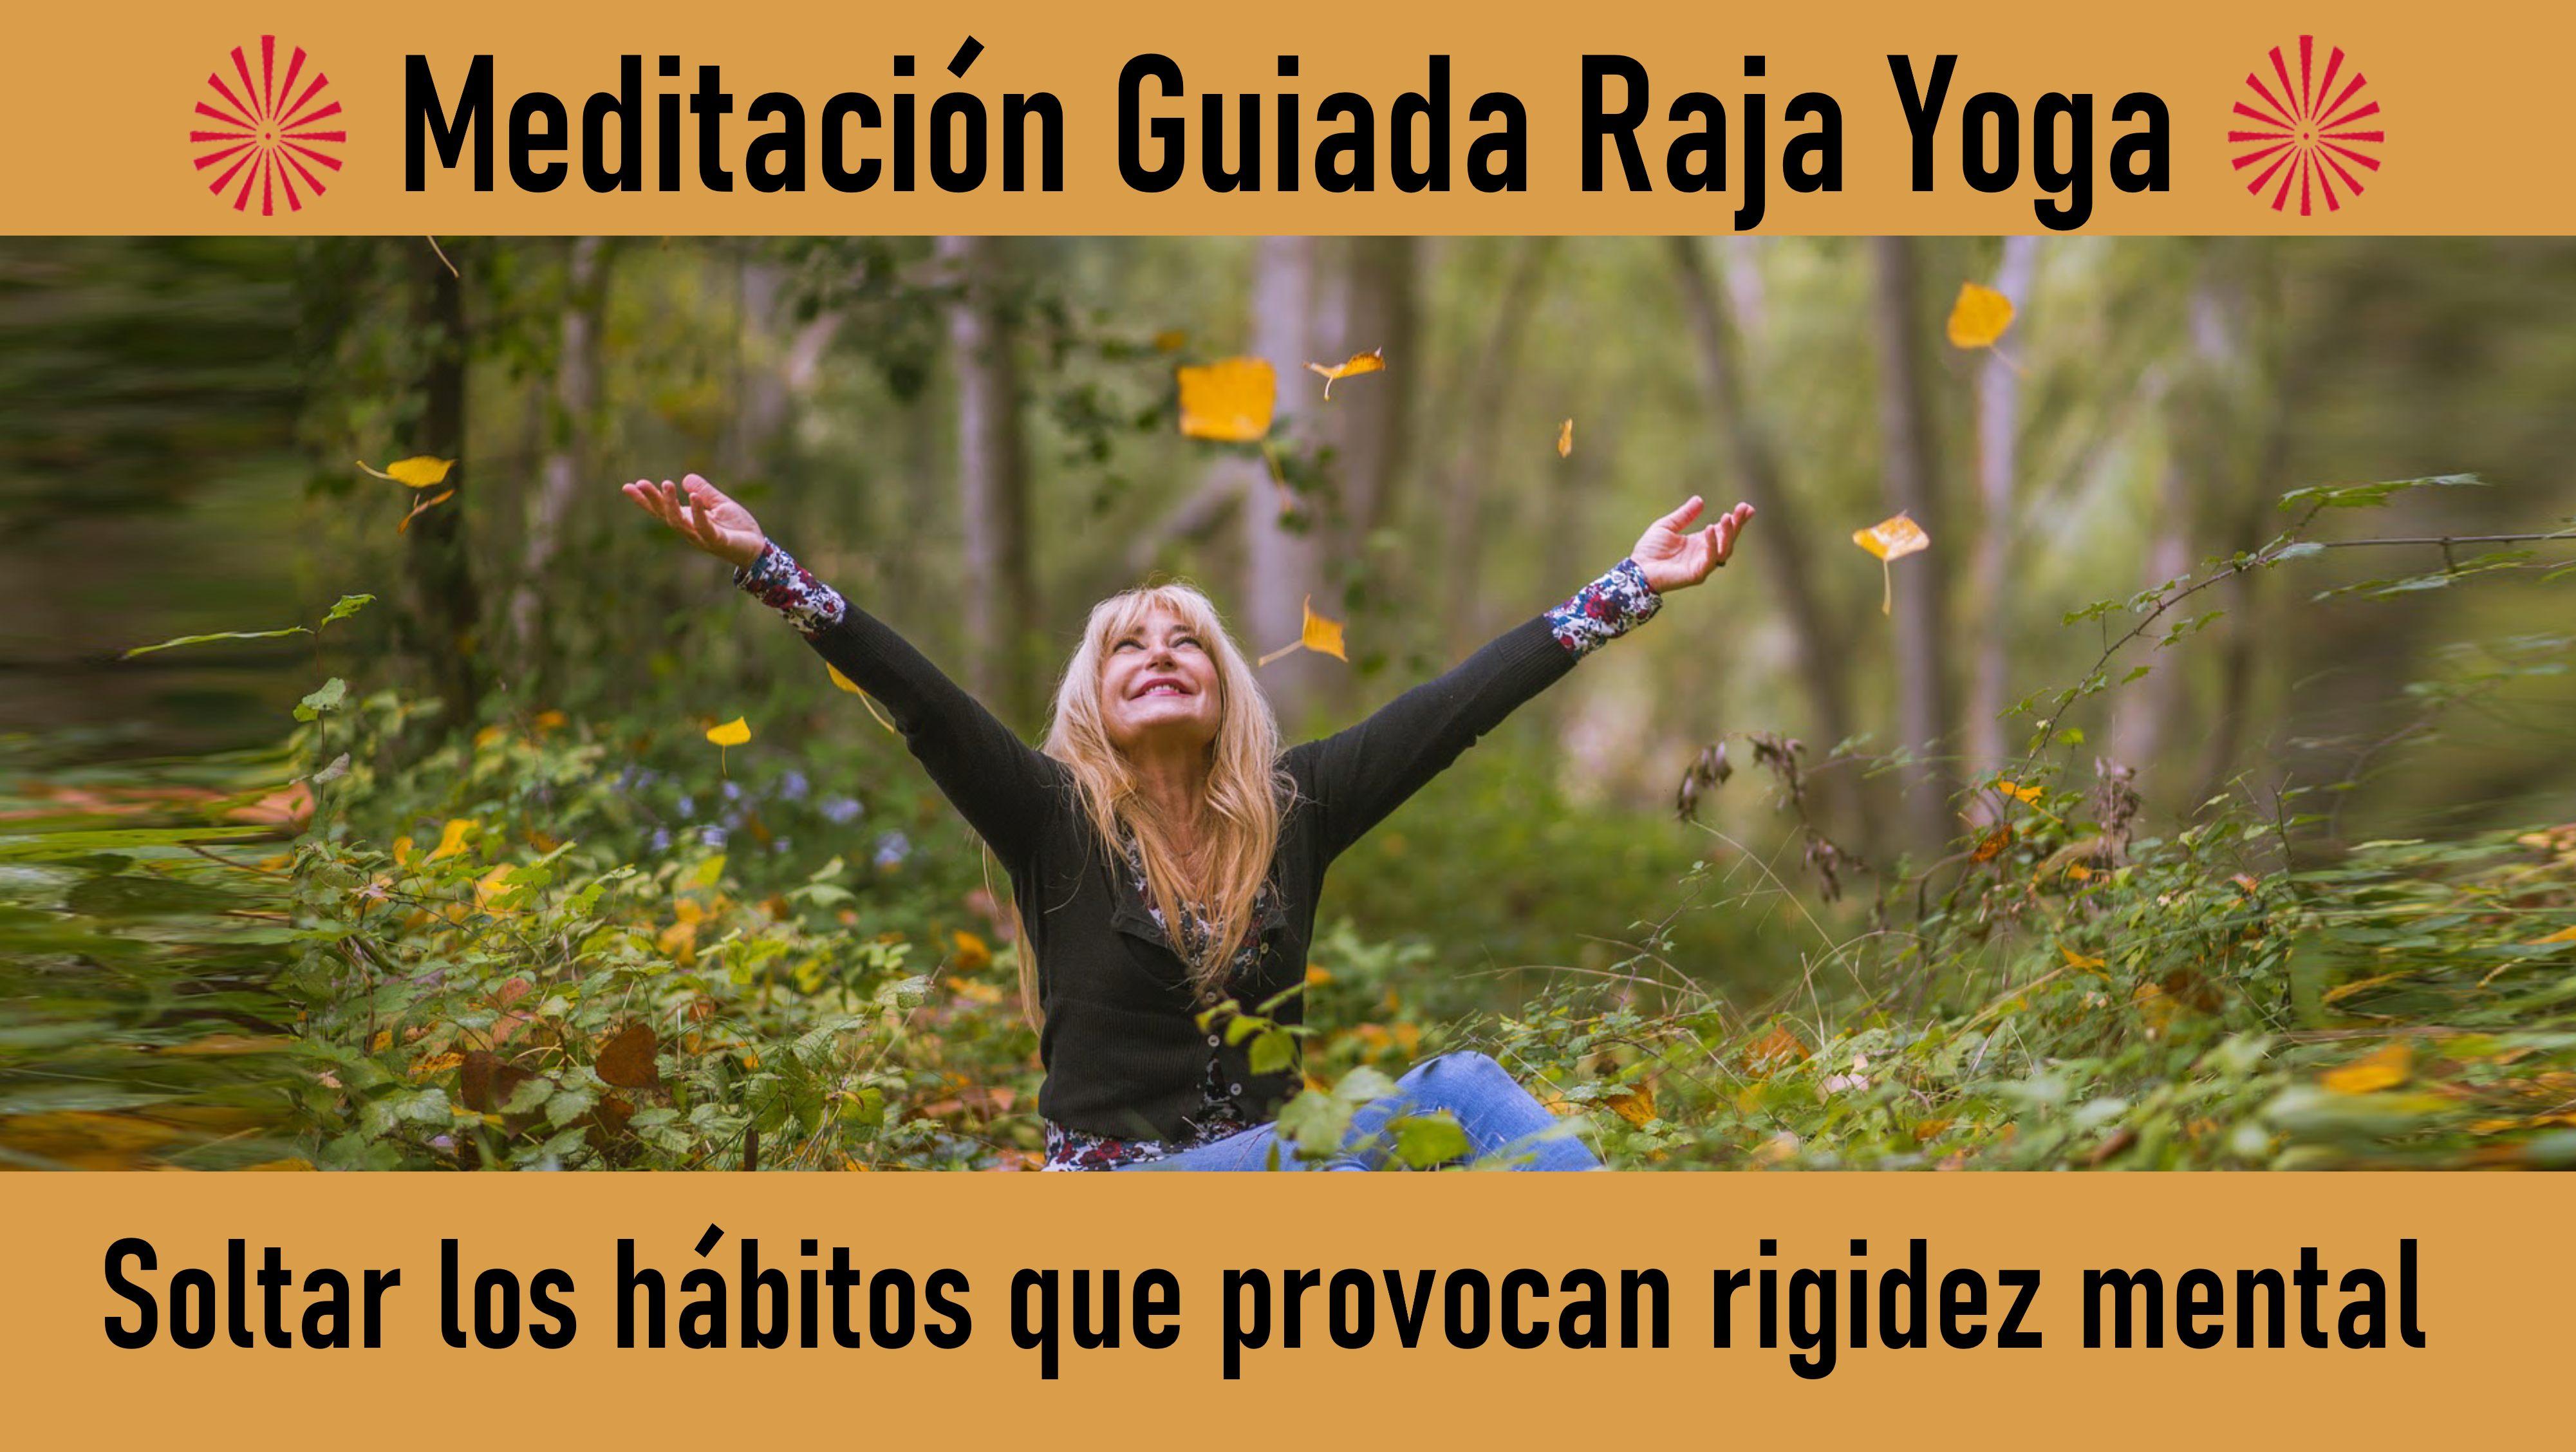 10 Julio 2020 Meditación Guiada: Soltar los hábitos que provocan rigidez mental